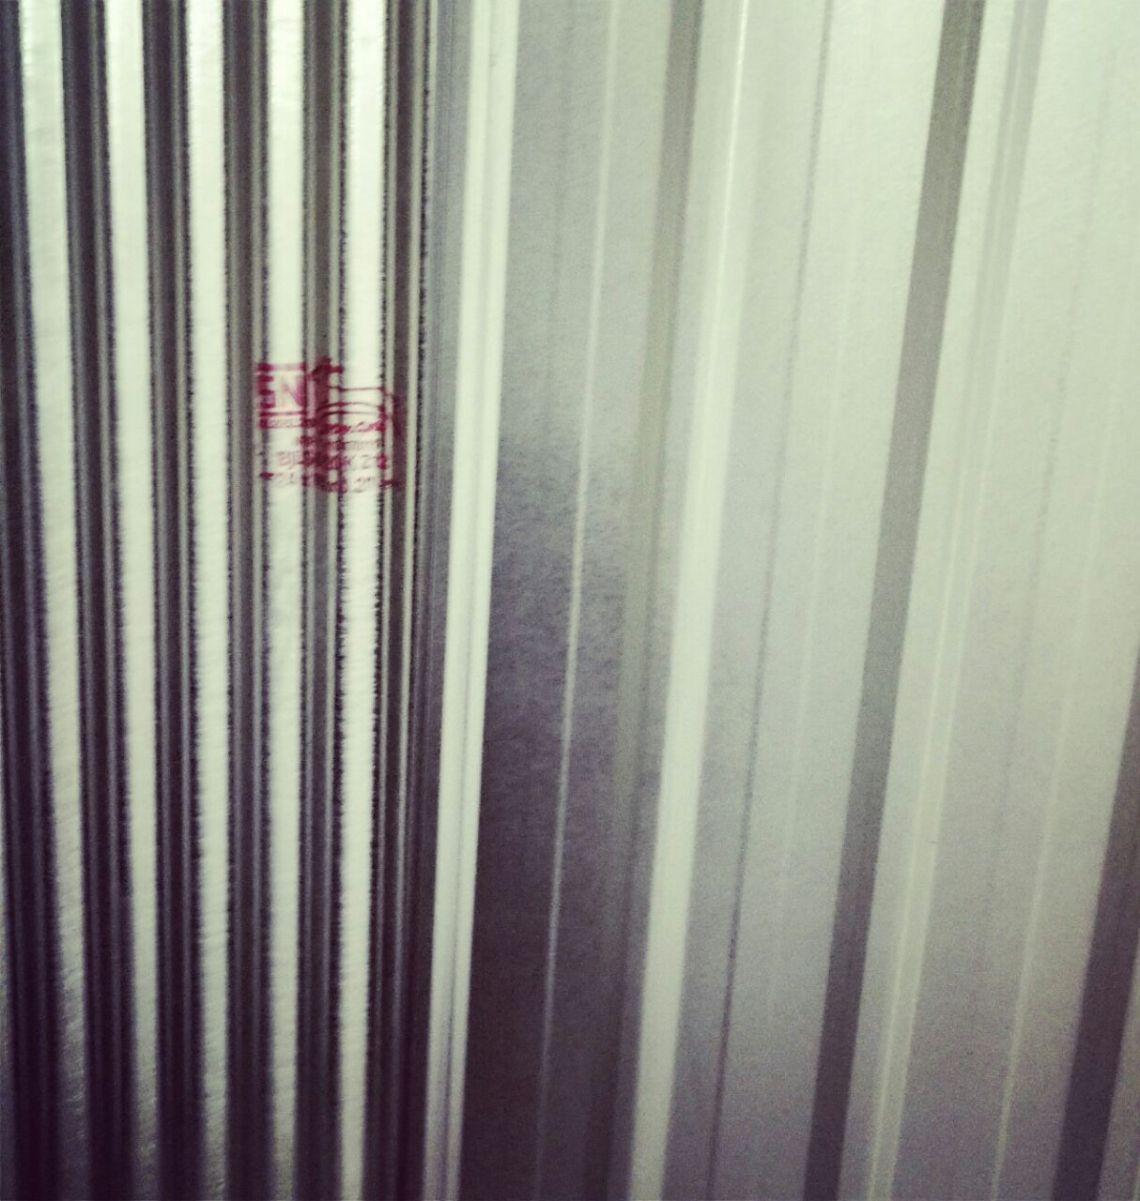 Produk andalan Sermani, perhatikan logo SNI pada produk yang berwarna merah tersebut (dokumen pribadi)